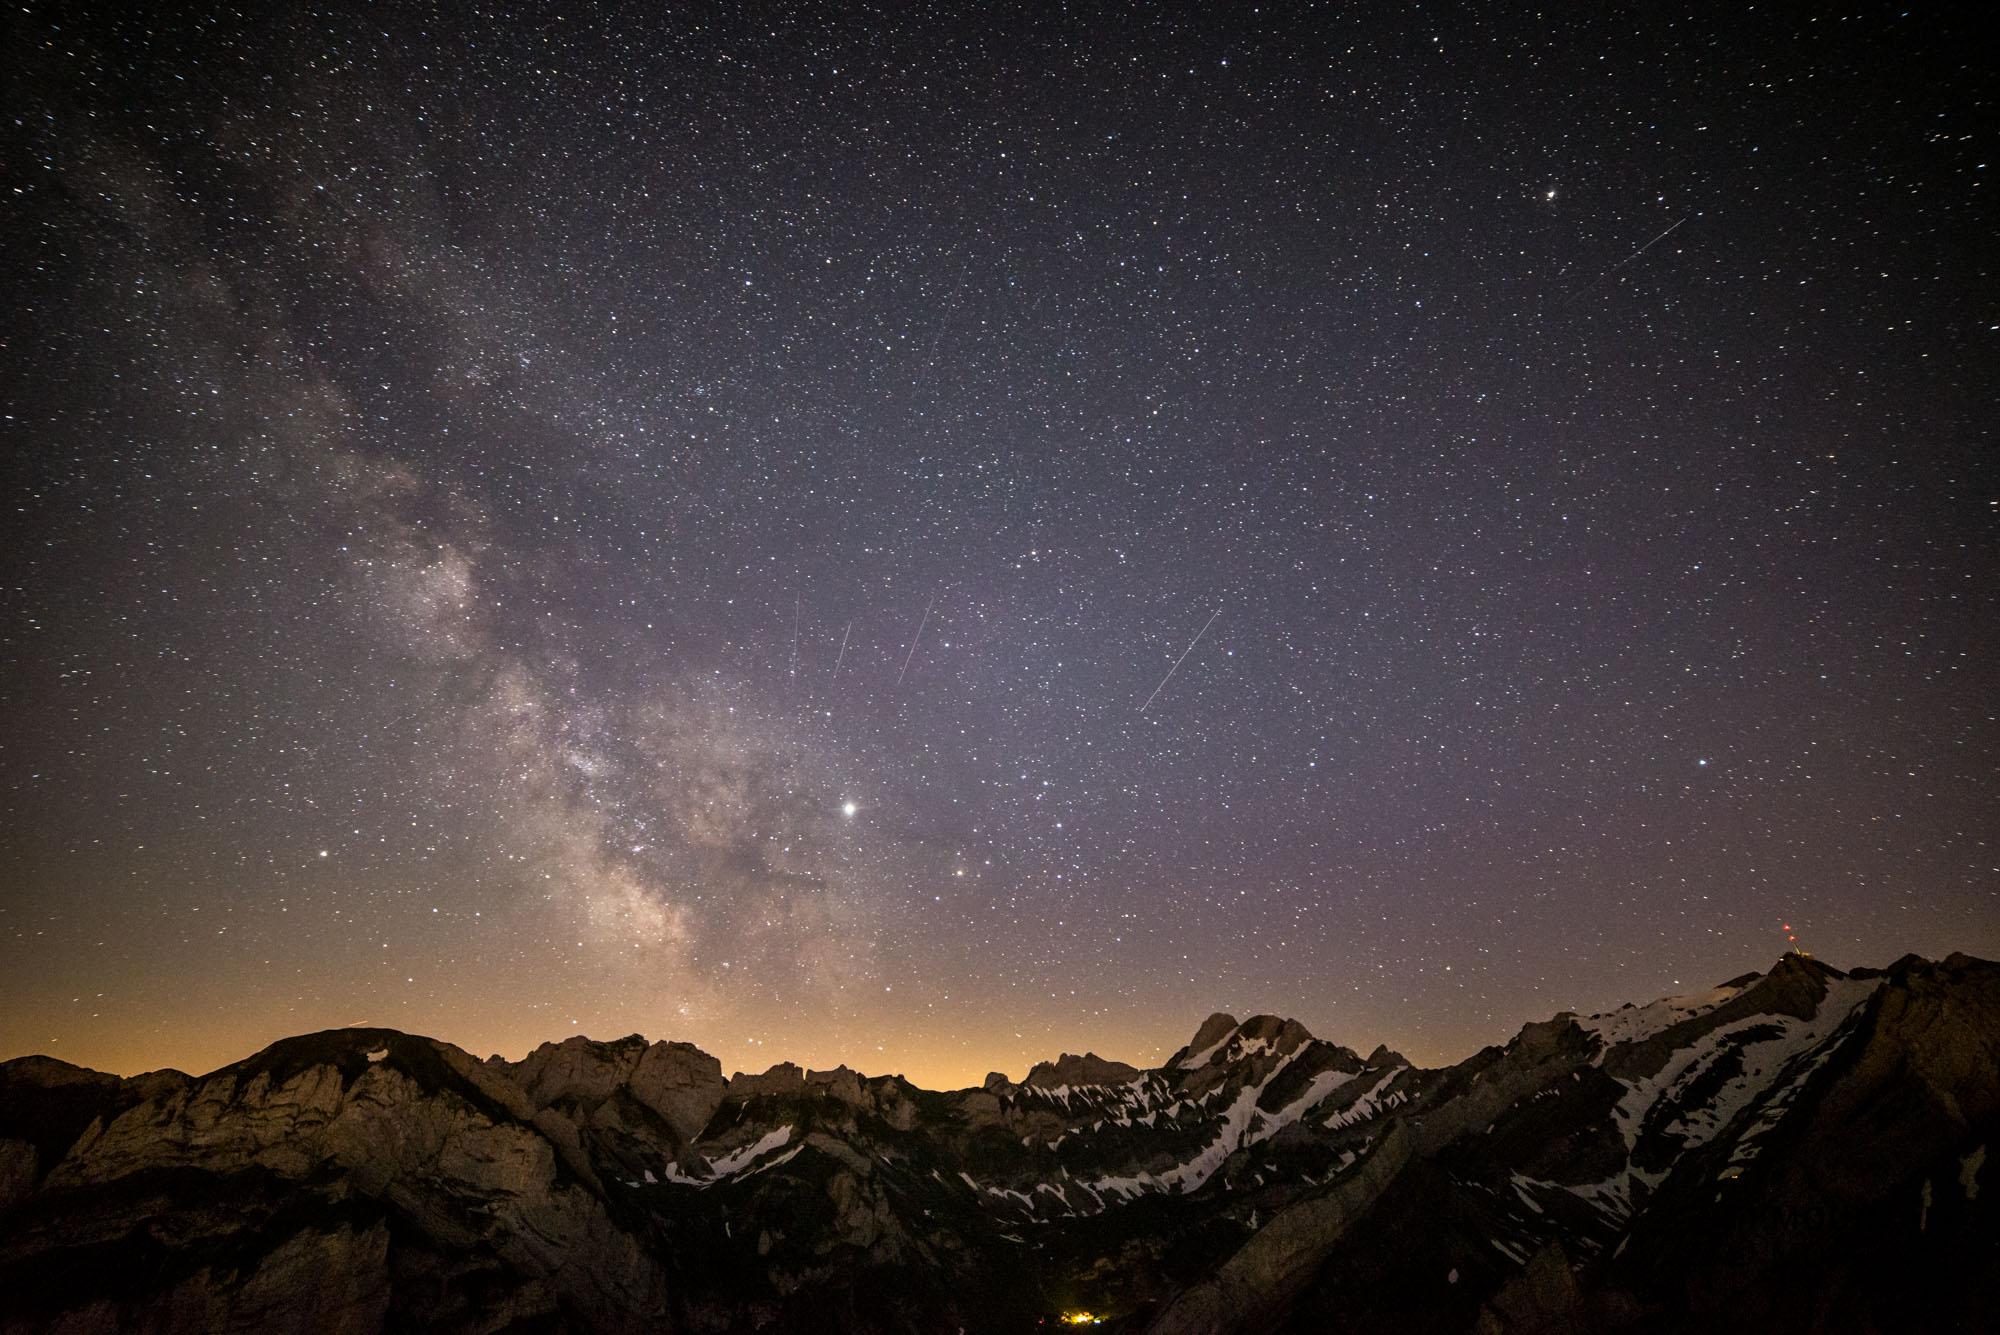 alpstein, wandern alpstein, wanderung alpstein, wandern schweiz, fotospot schweiz, fotografieren wandern schweiz, fotokurs schweiz, säntis, atrsofotografie schweiz, fotoworkshop astrofotografie, foto milchstraße alpen